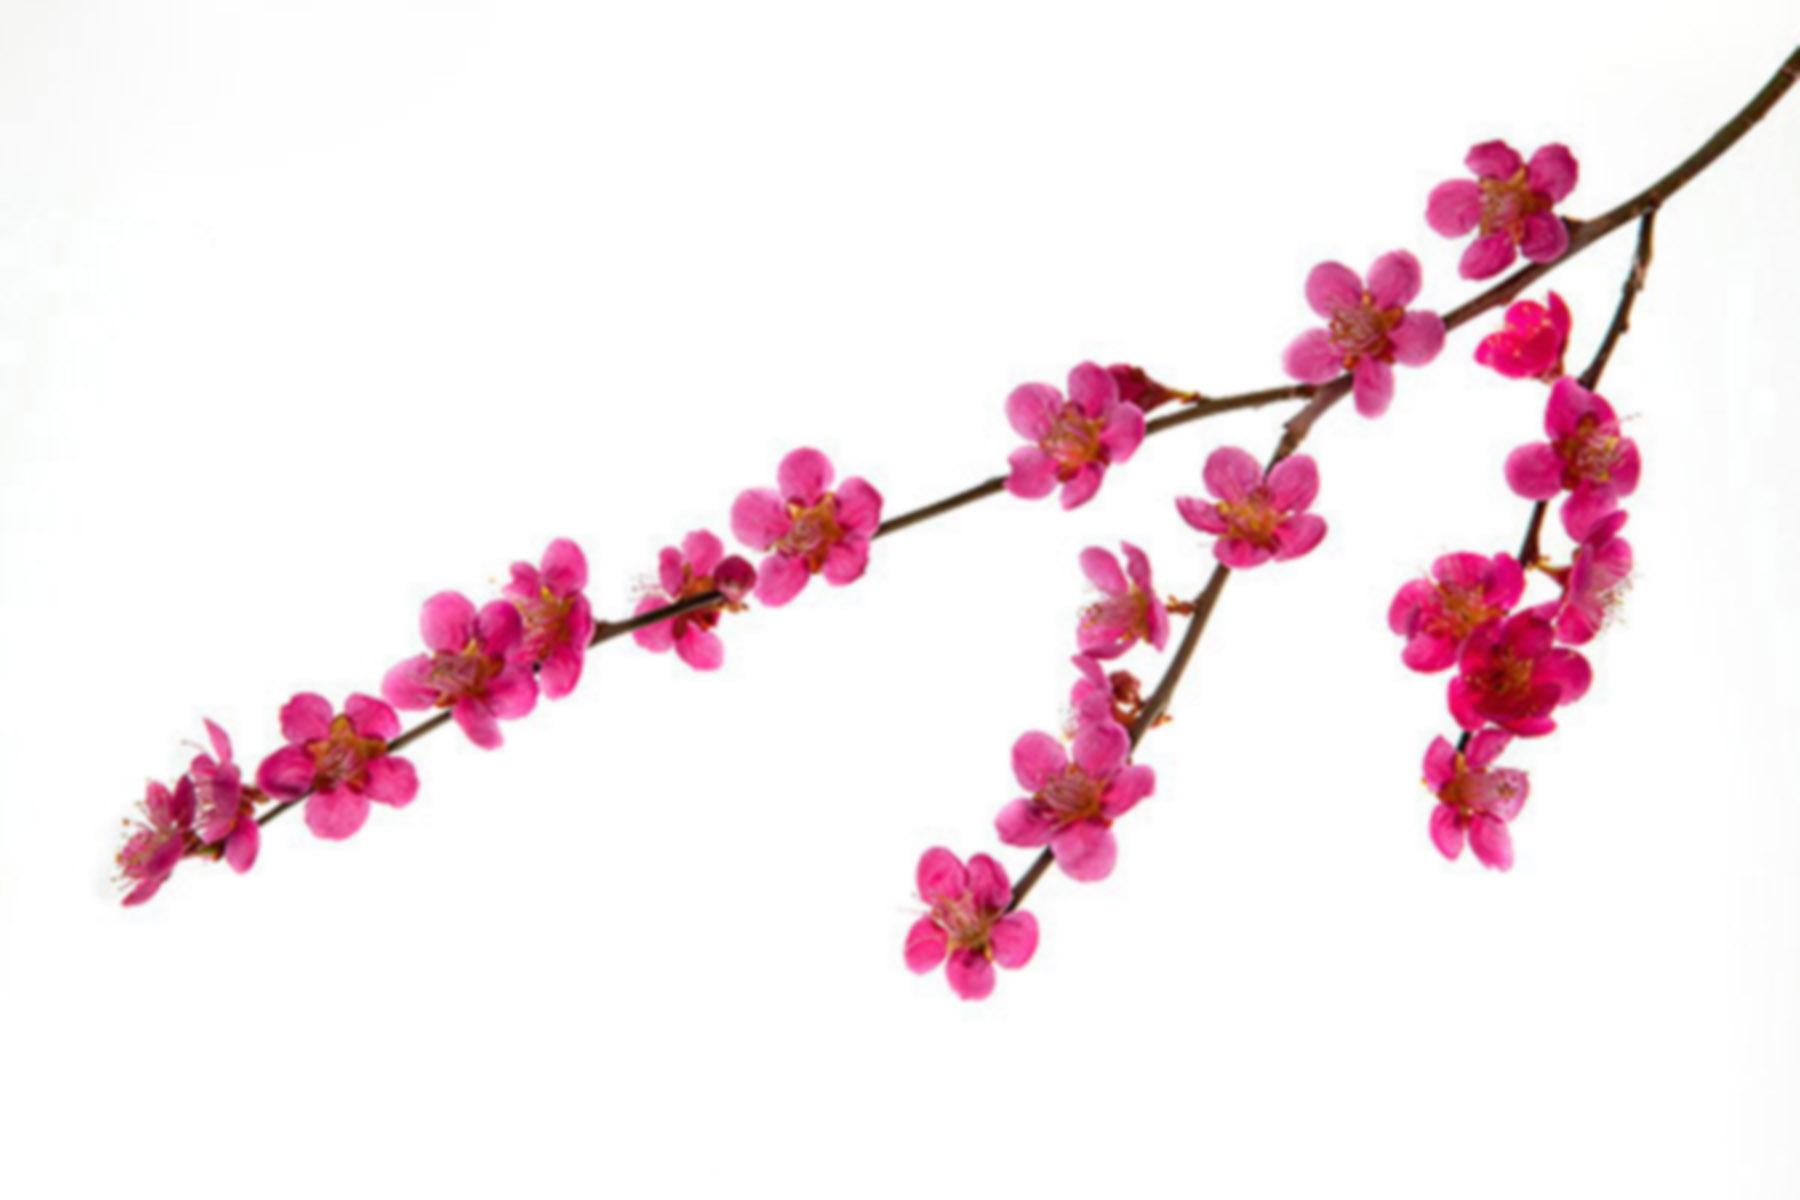 Pink flowers drawing 25 desktop background hdflowerwallpaper pink flowers drawing 25 desktop background mightylinksfo